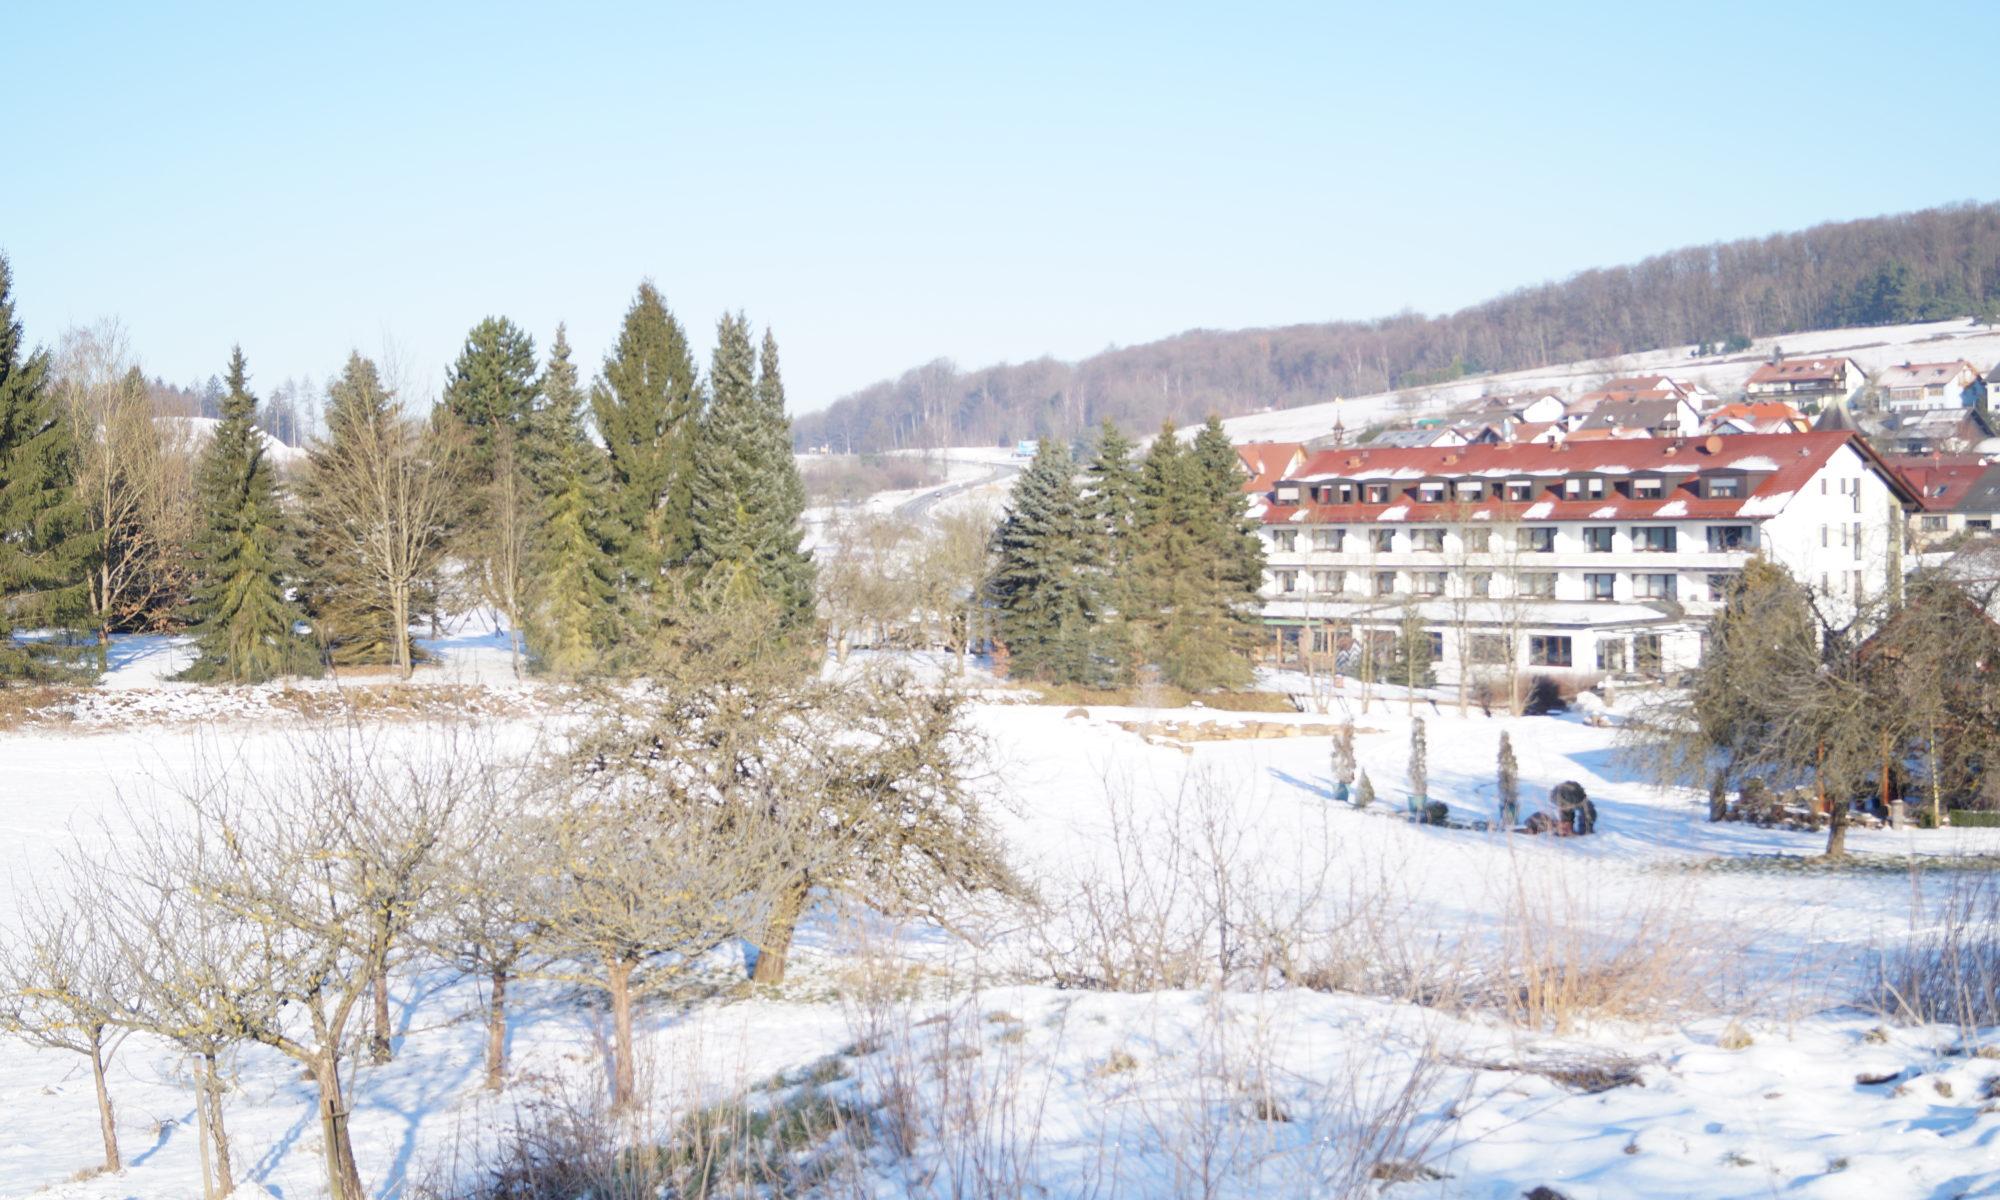 Sicht auf das Hotel Brunnenhof vom Kupp